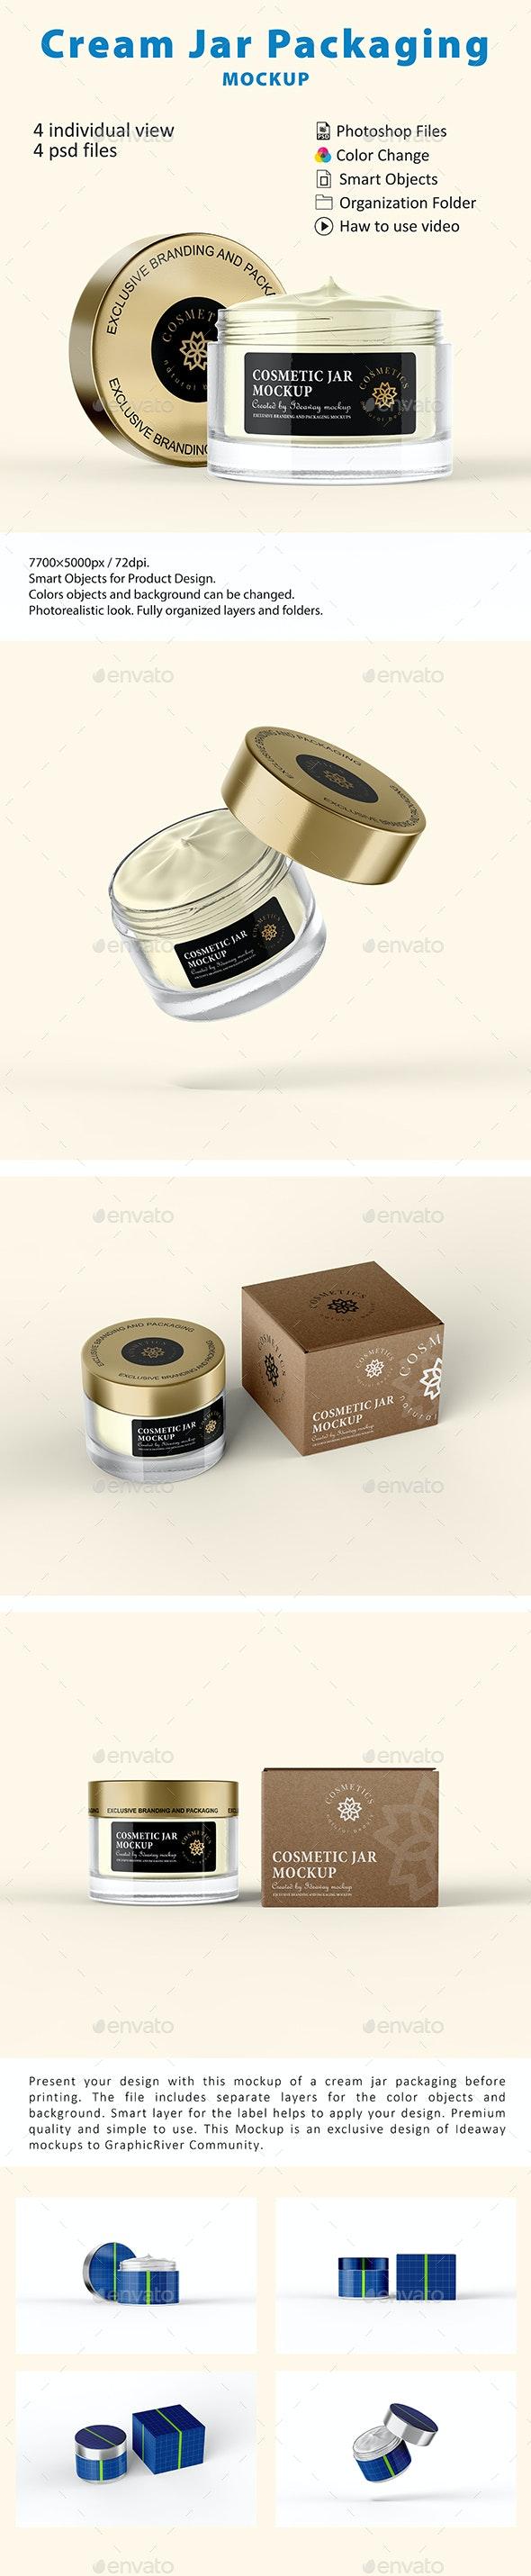 Cosmetic Cream Jar Packaging Mockup - Beauty Packaging